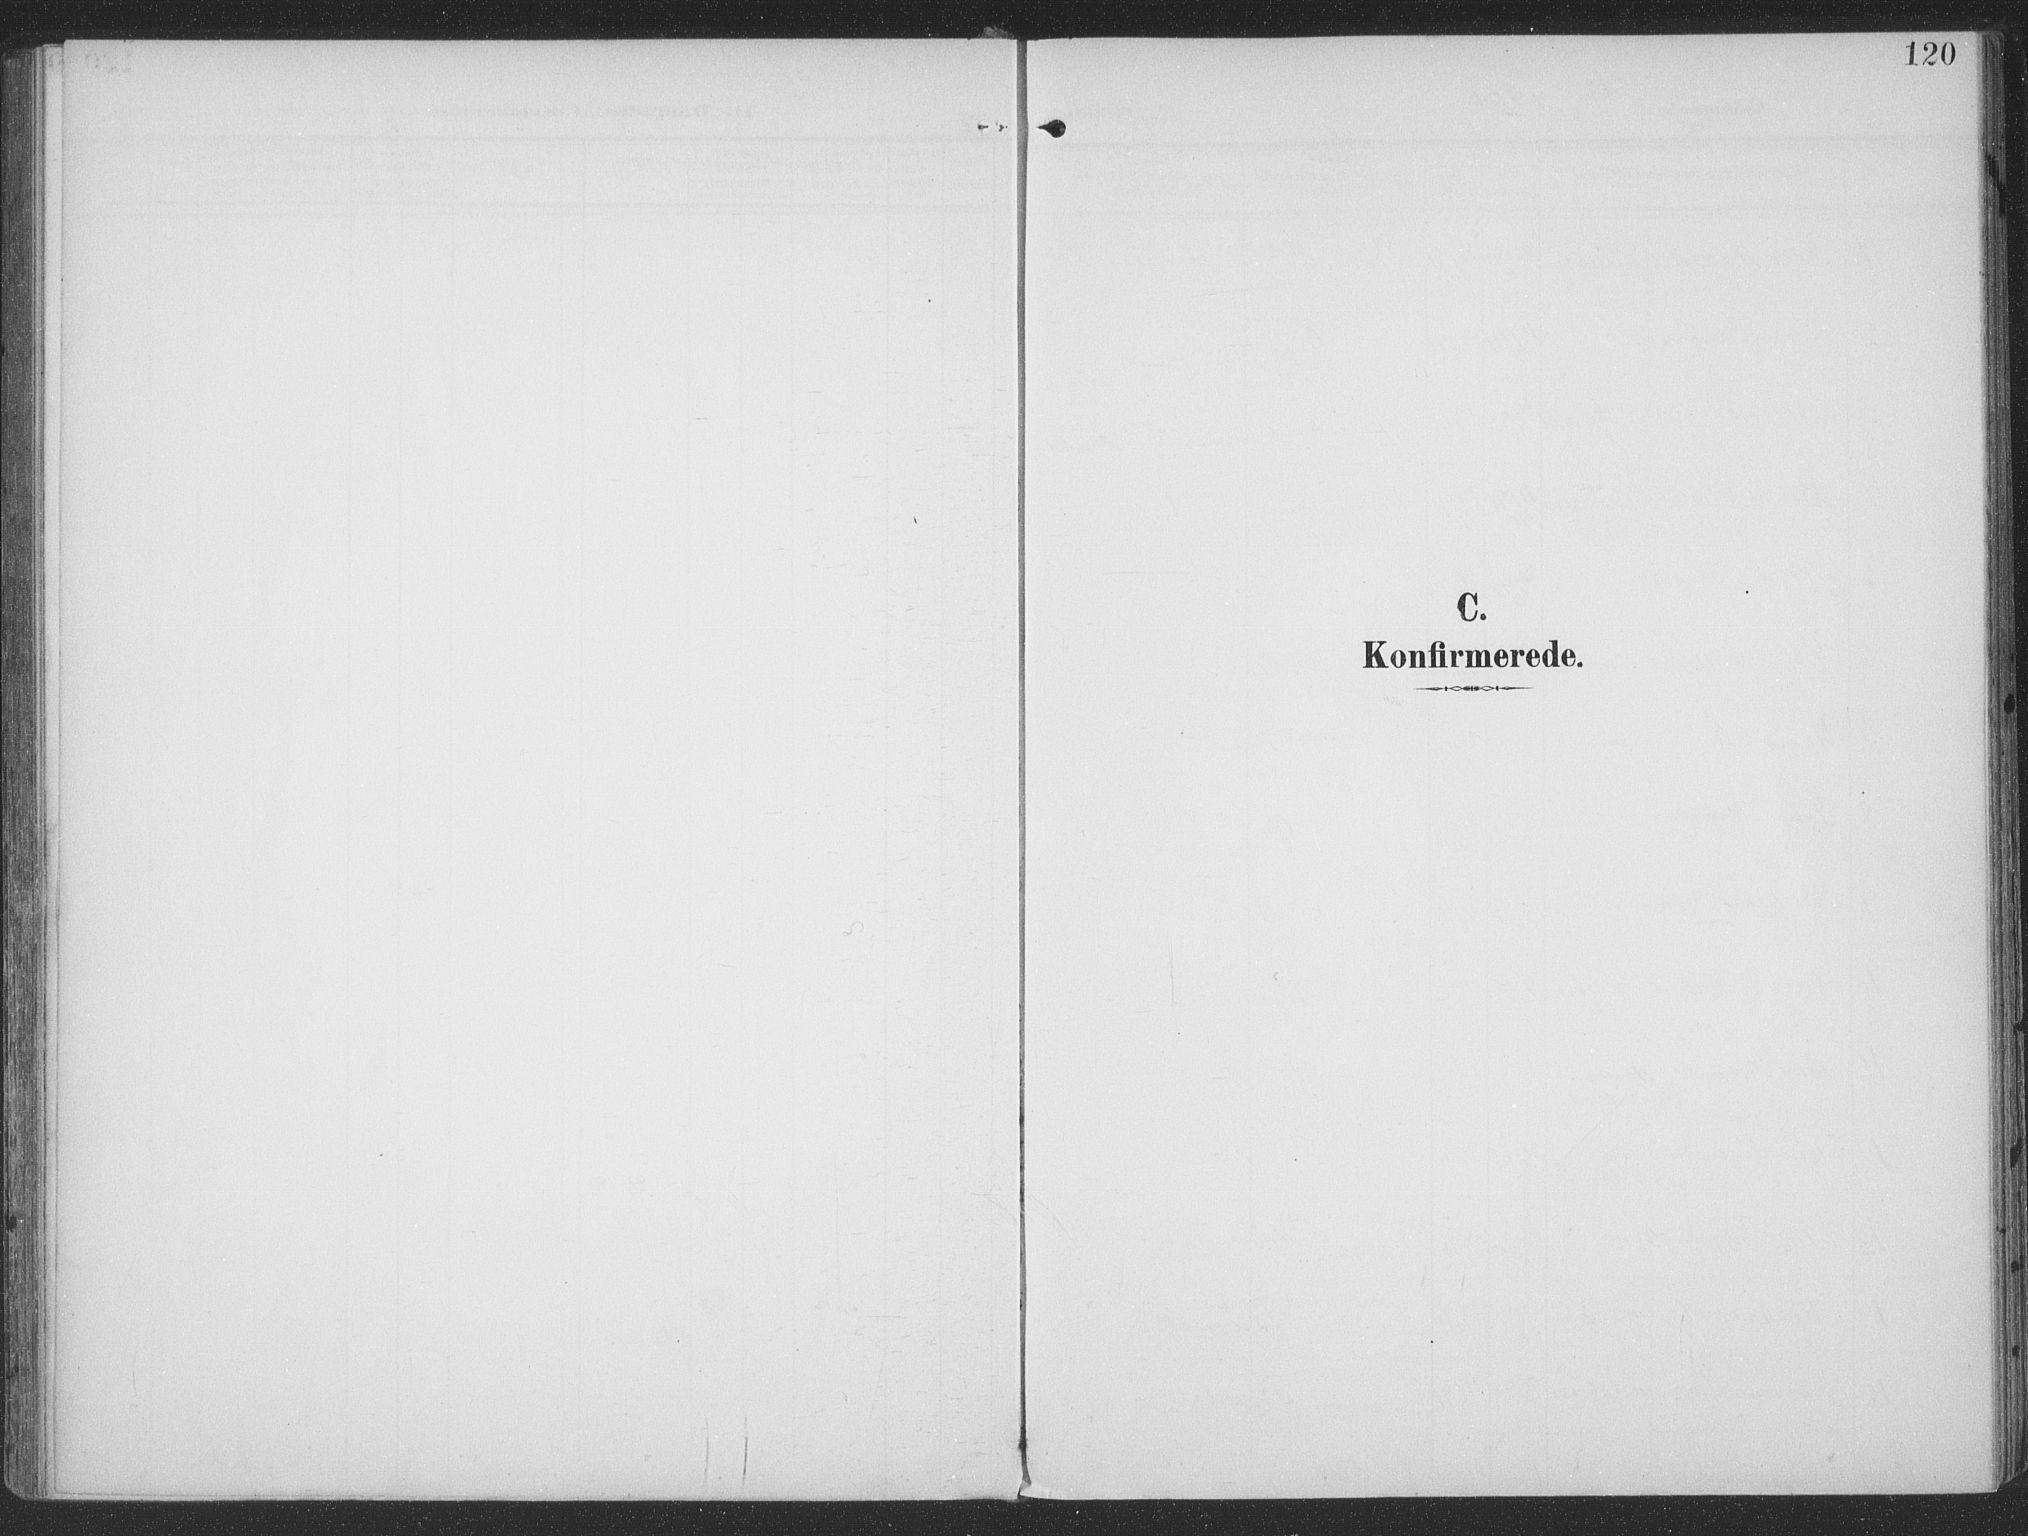 SAT, Ministerialprotokoller, klokkerbøker og fødselsregistre - Møre og Romsdal, 513/L0178: Ministerialbok nr. 513A05, 1906-1919, s. 120